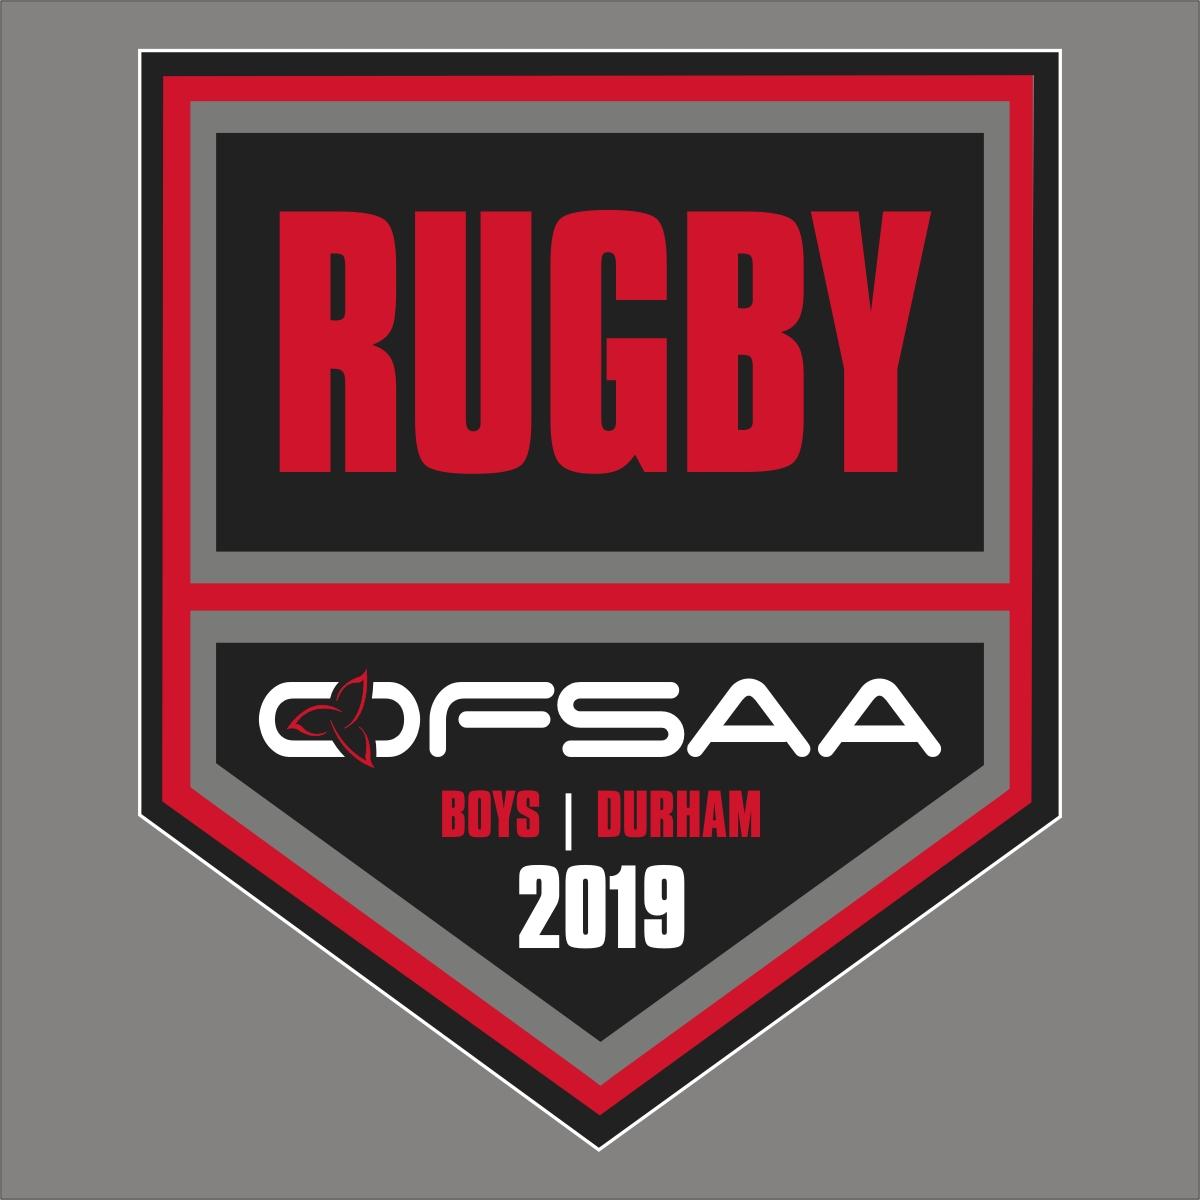 2019 Boys Rugby logo grey.jpg